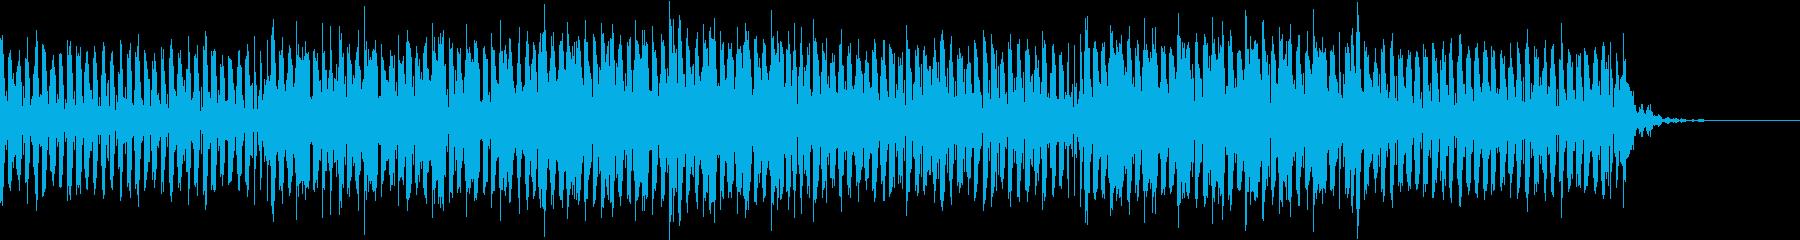 ギター主体のエレクトロ不思議な空間の再生済みの波形